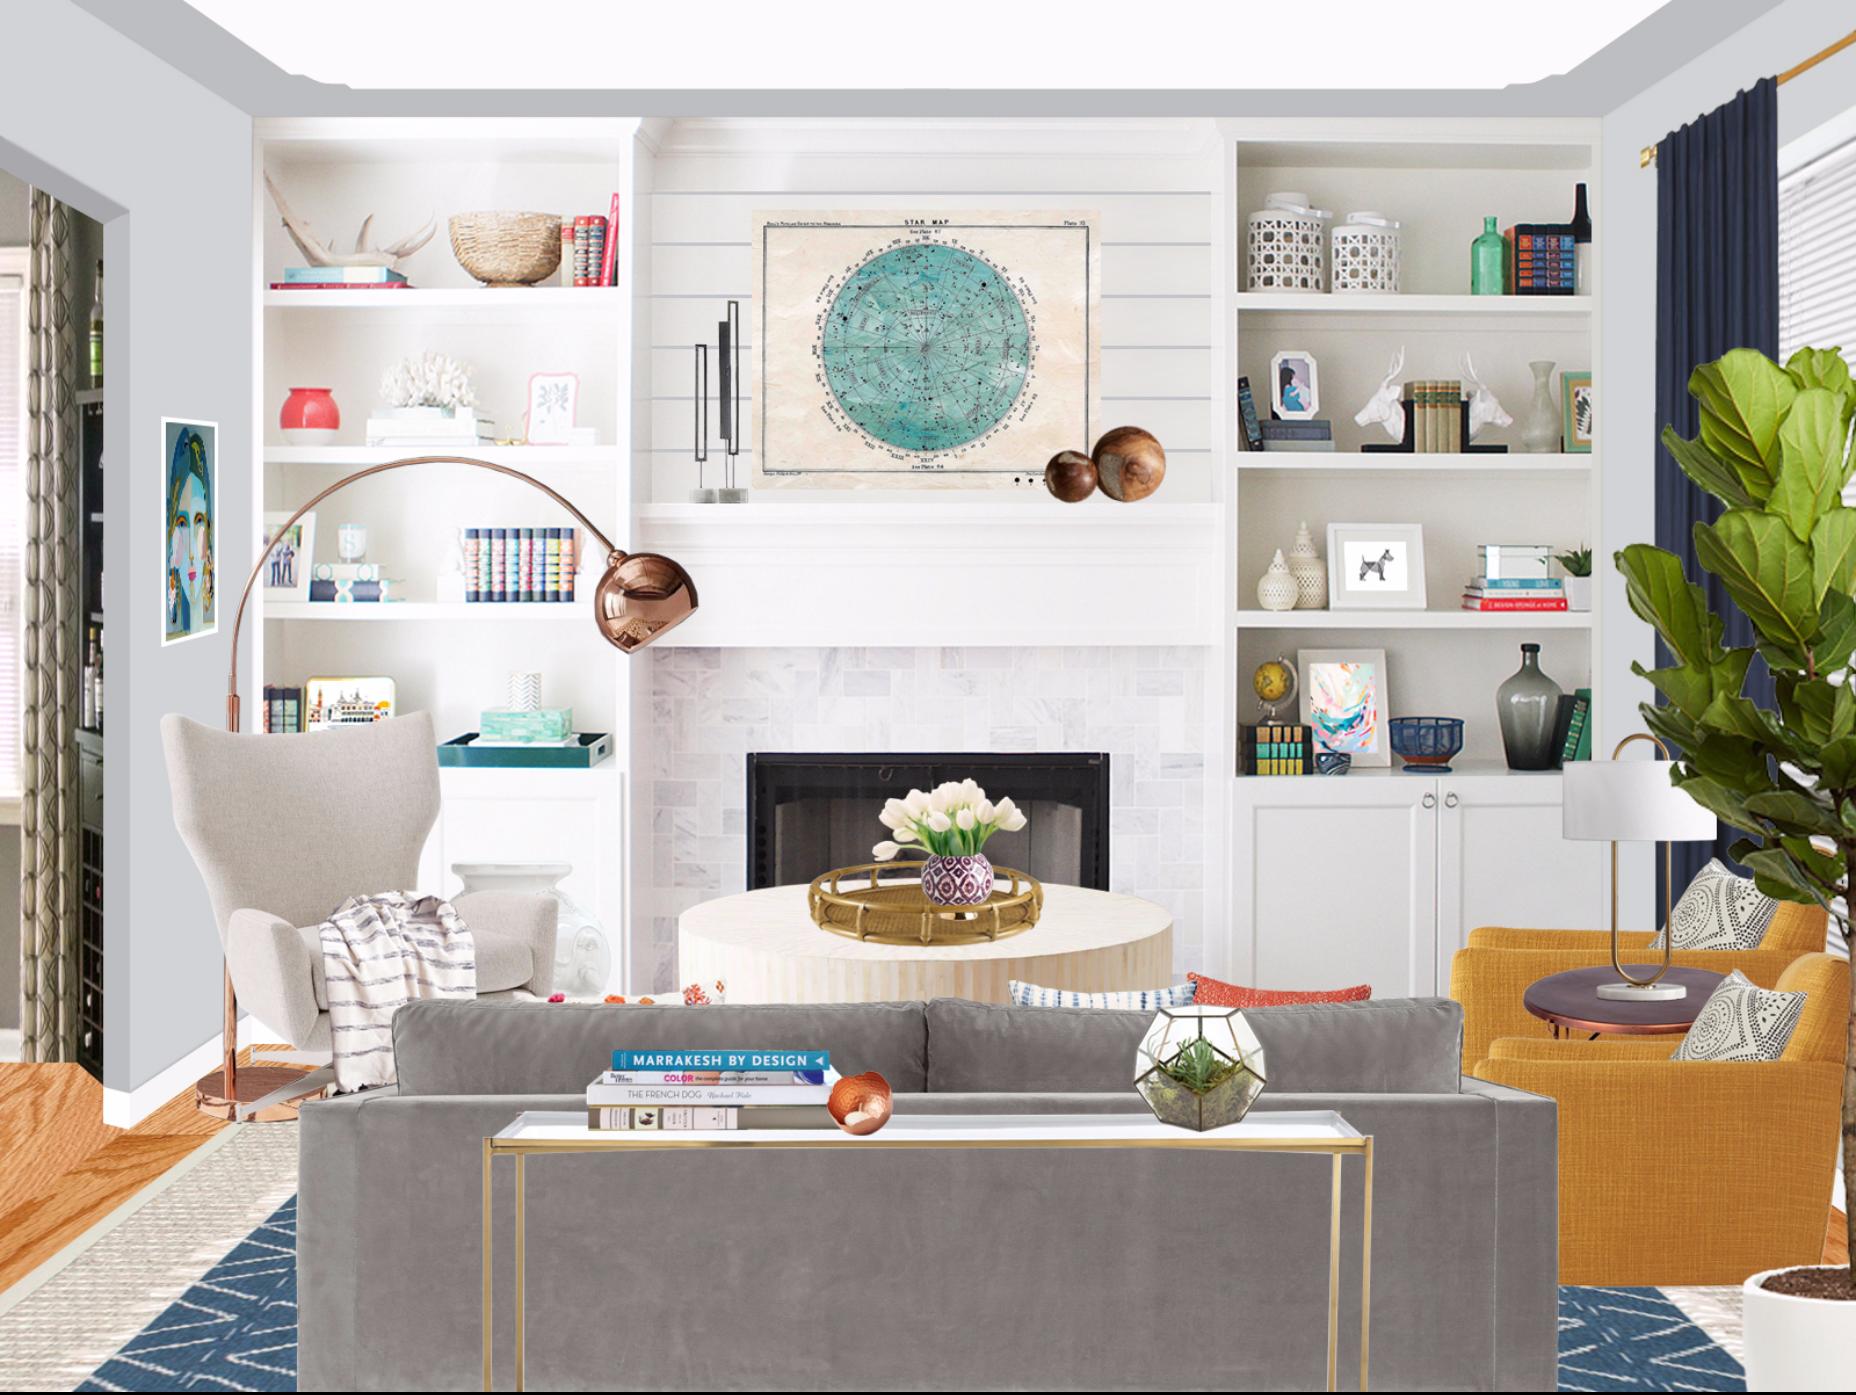 Online interior designer caitlin mcbride classic design with